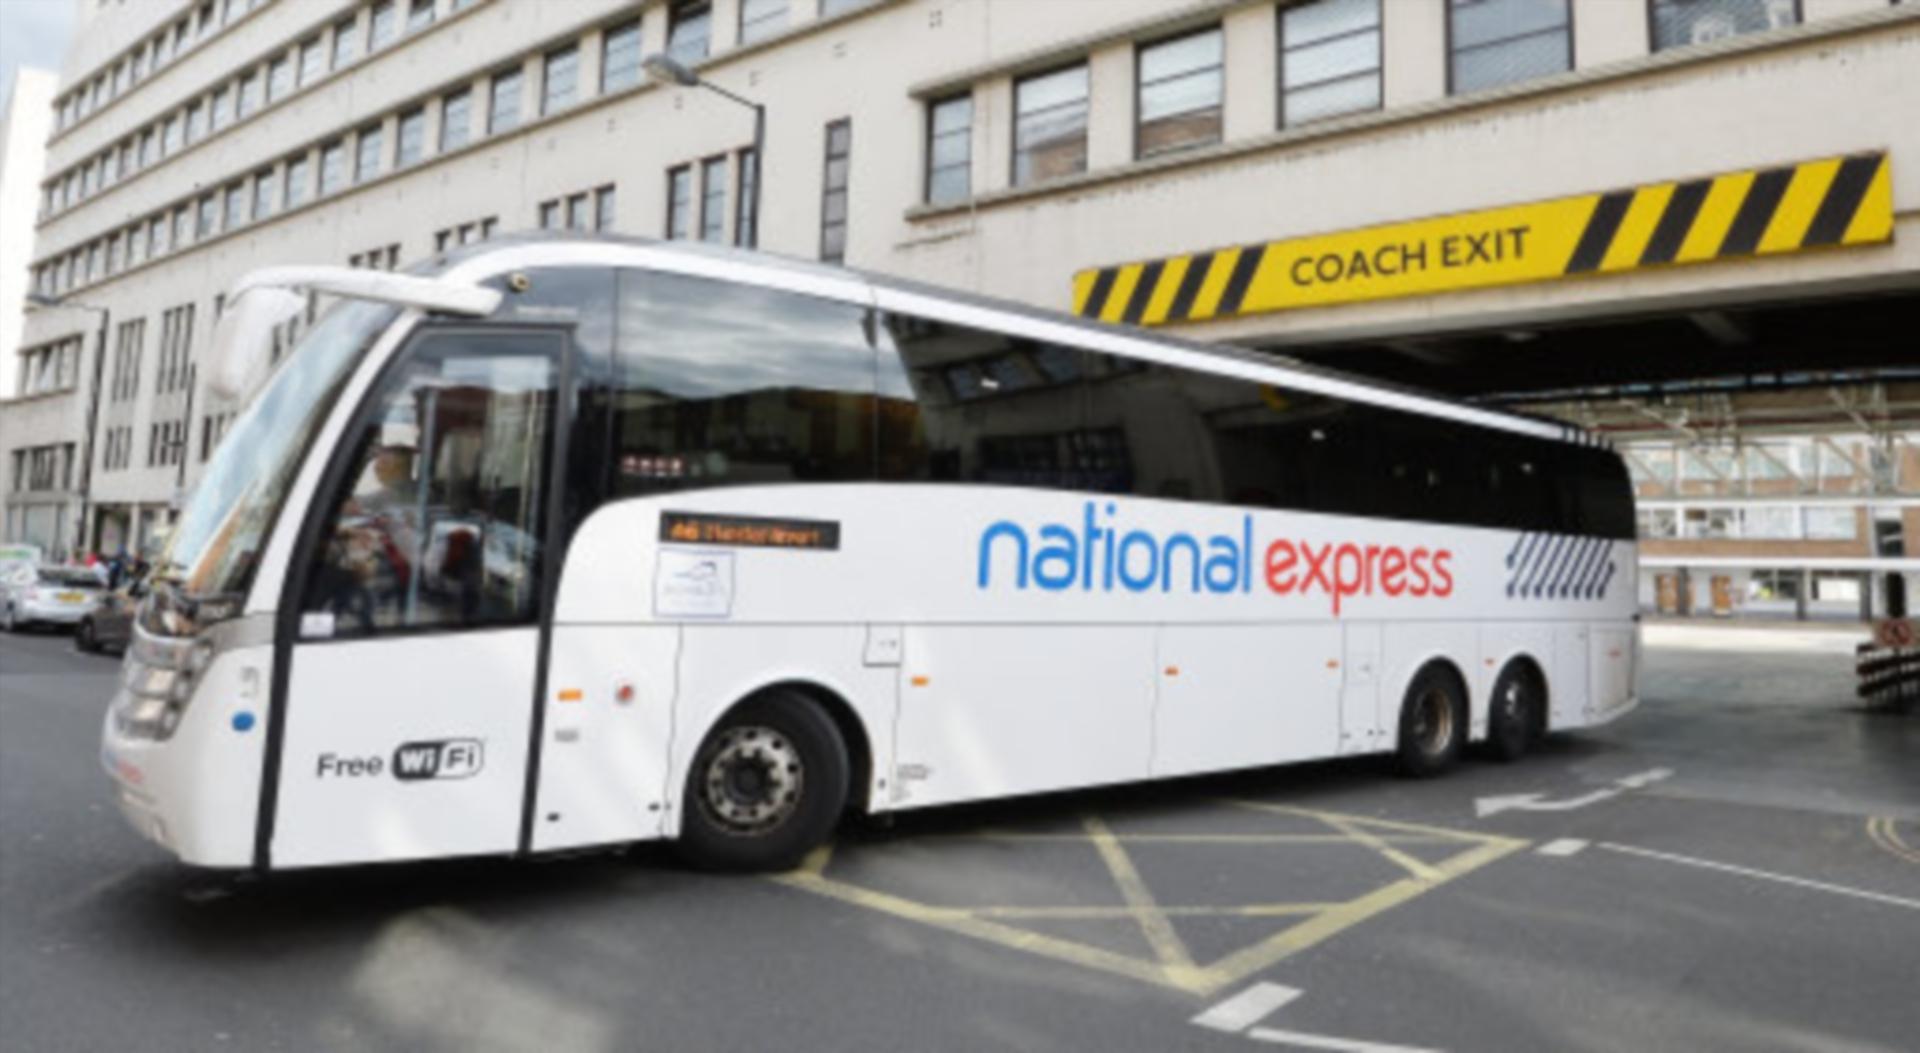 A National Express coach.